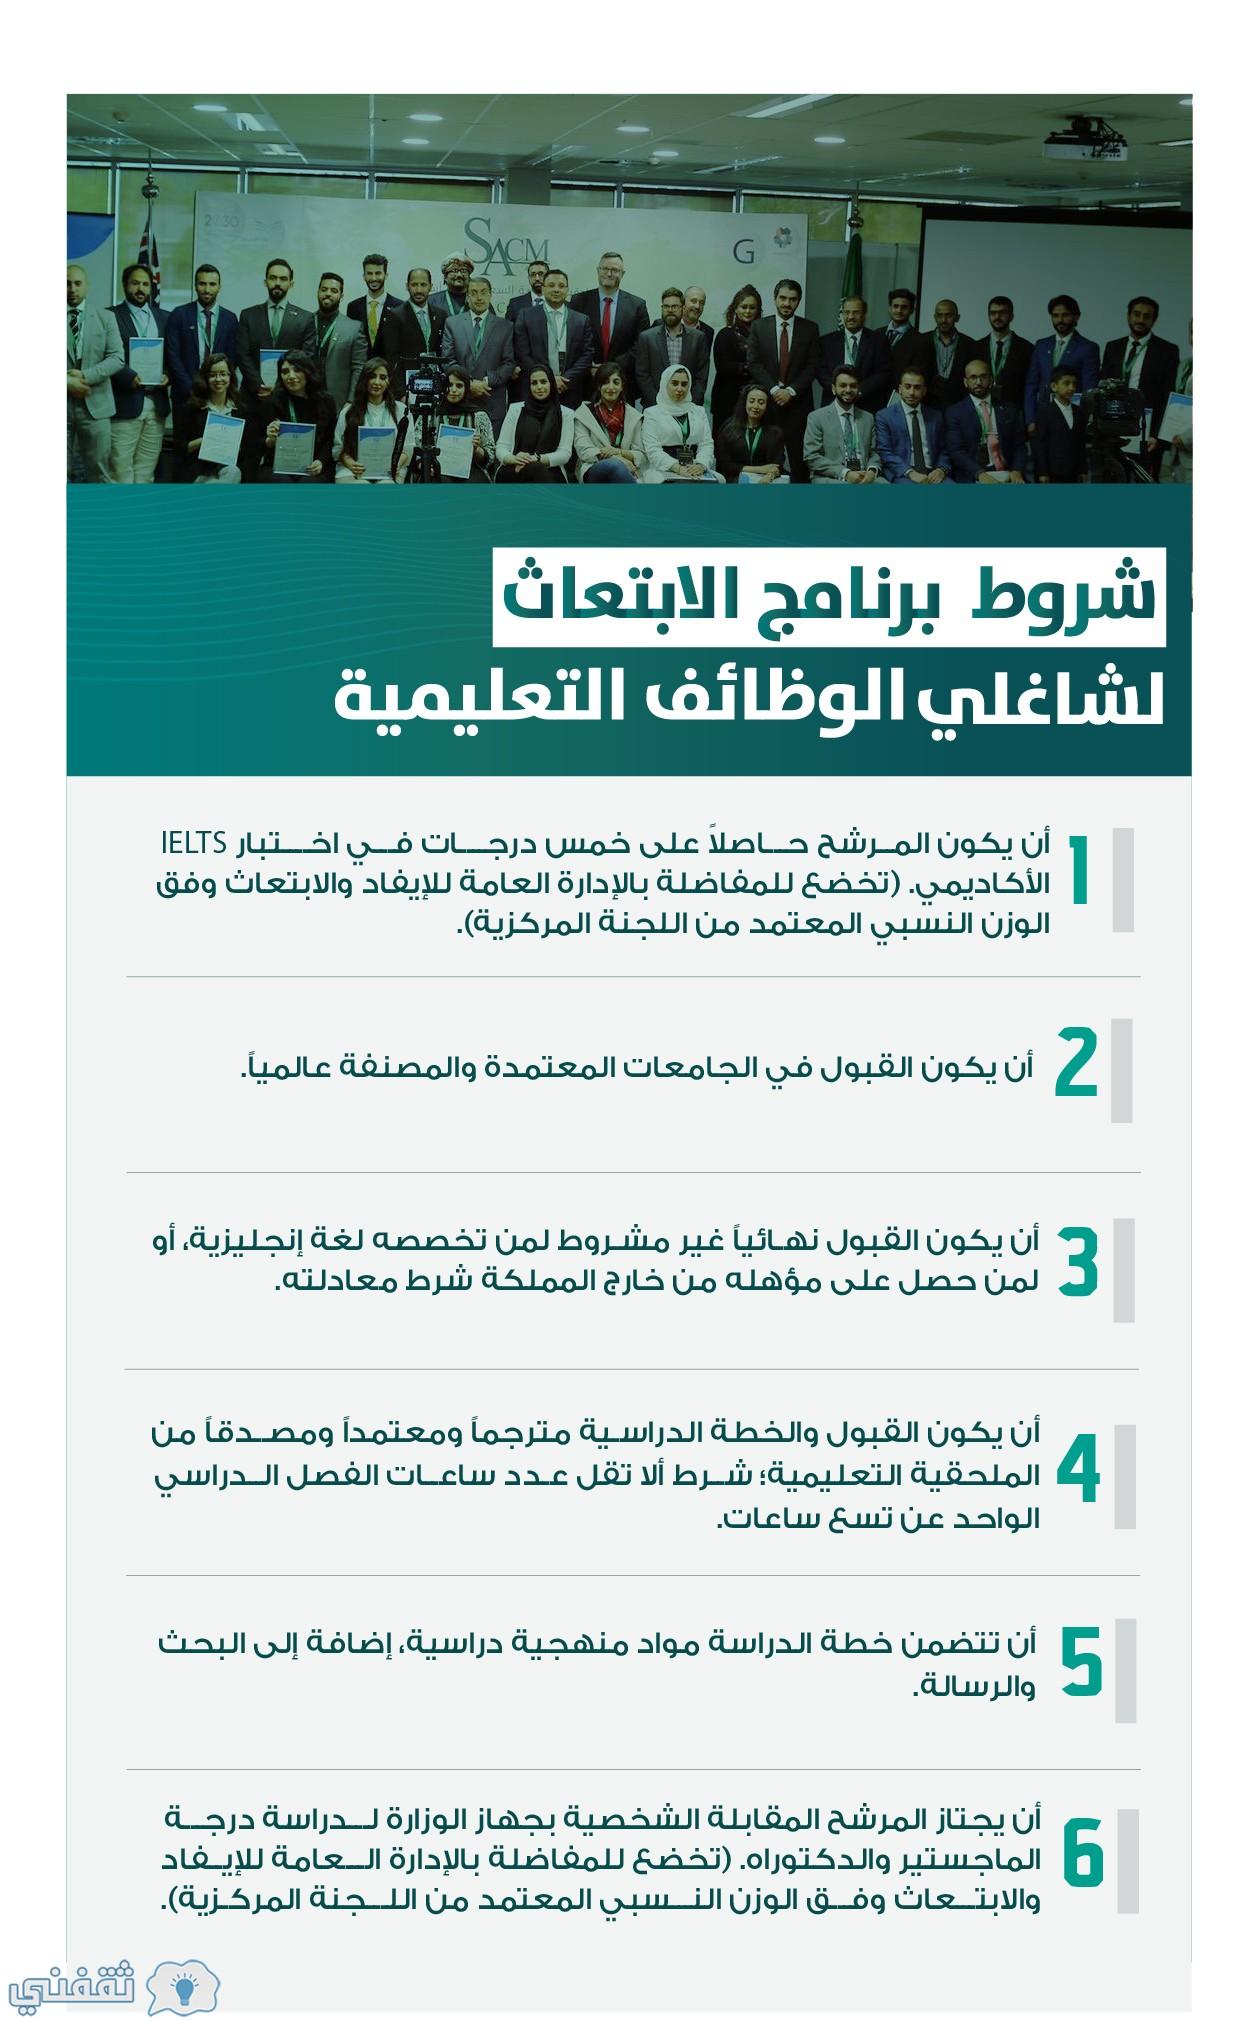 برنامج الابتعاث الخارجي لشاغلي الوظائف التعليمية